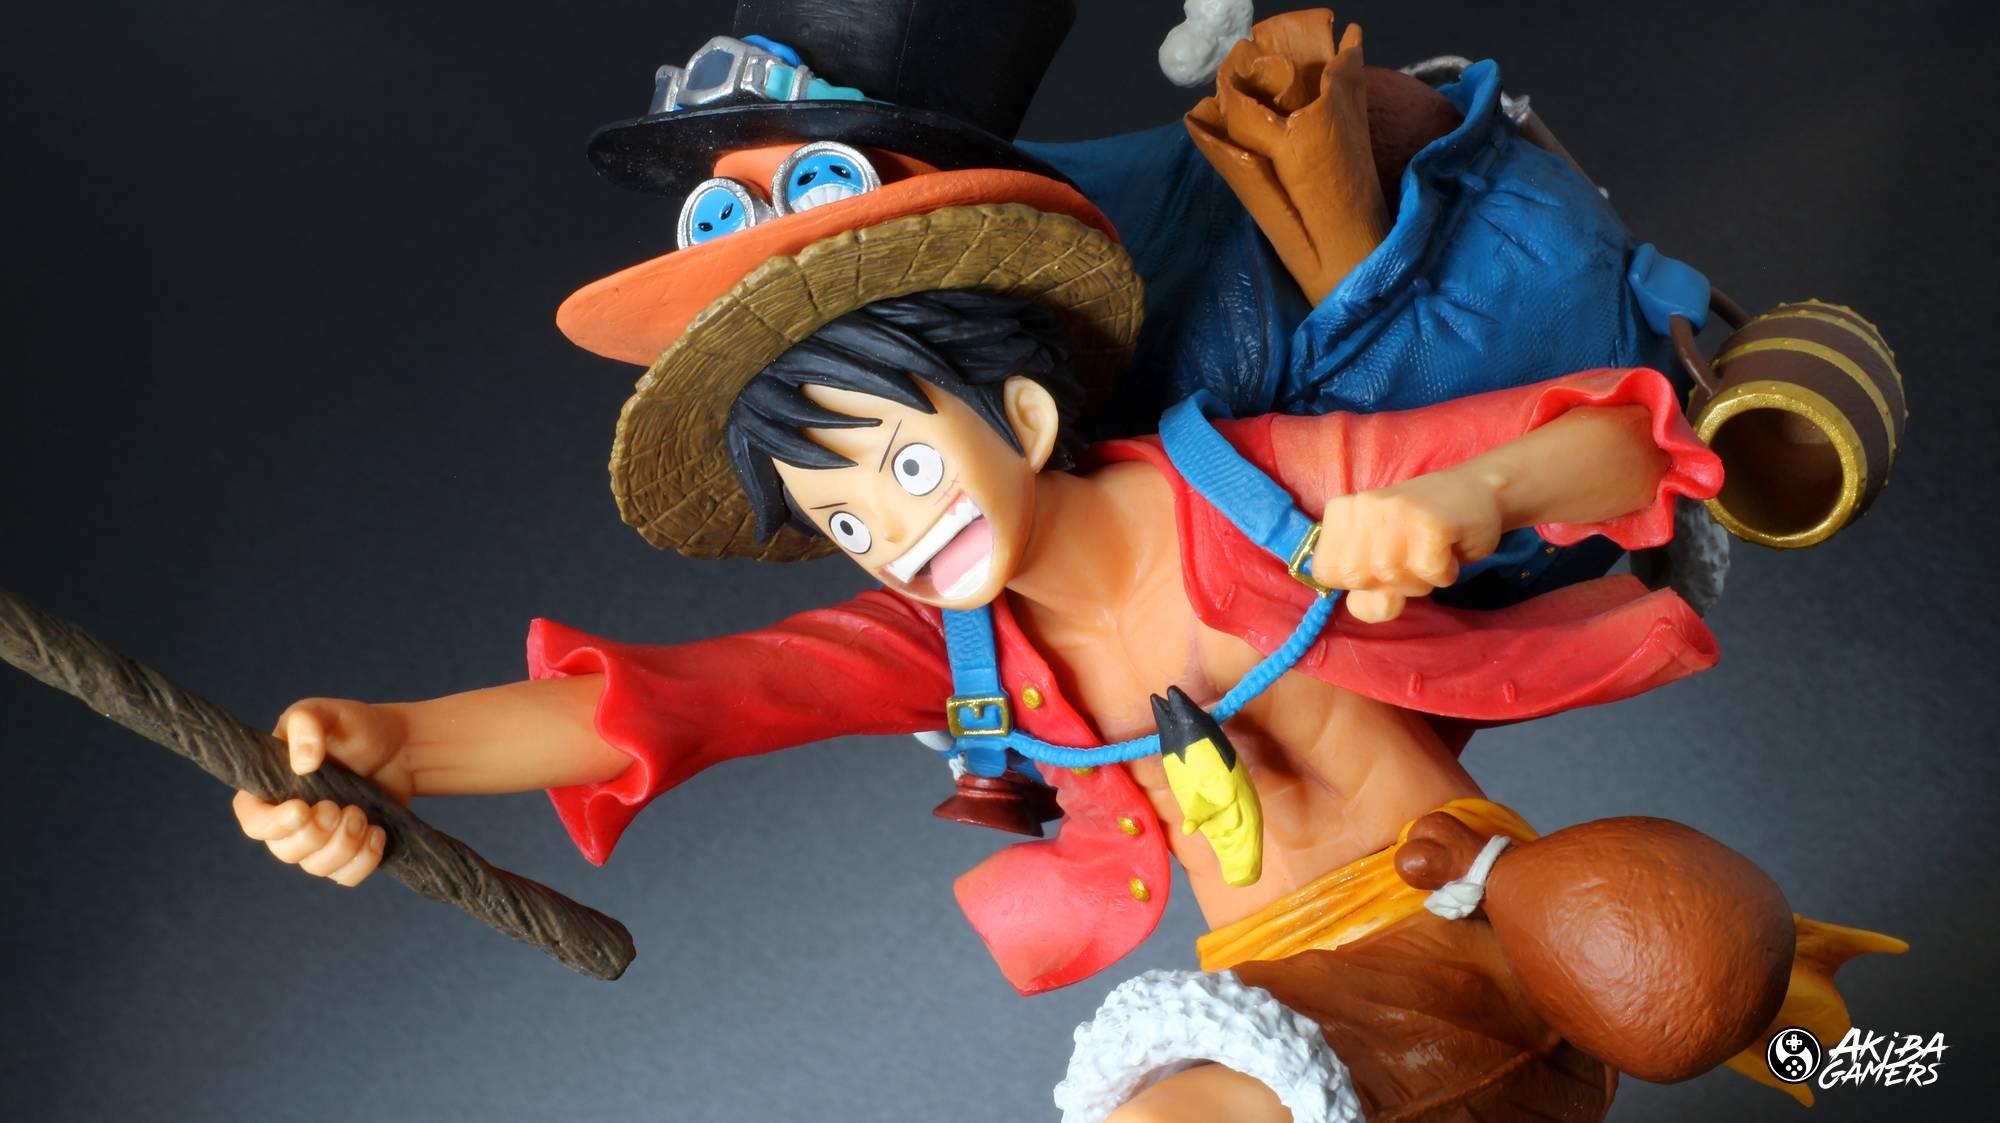 ONE PIECE: recensione della figure THREE BROTHERS dedicata a Luffy